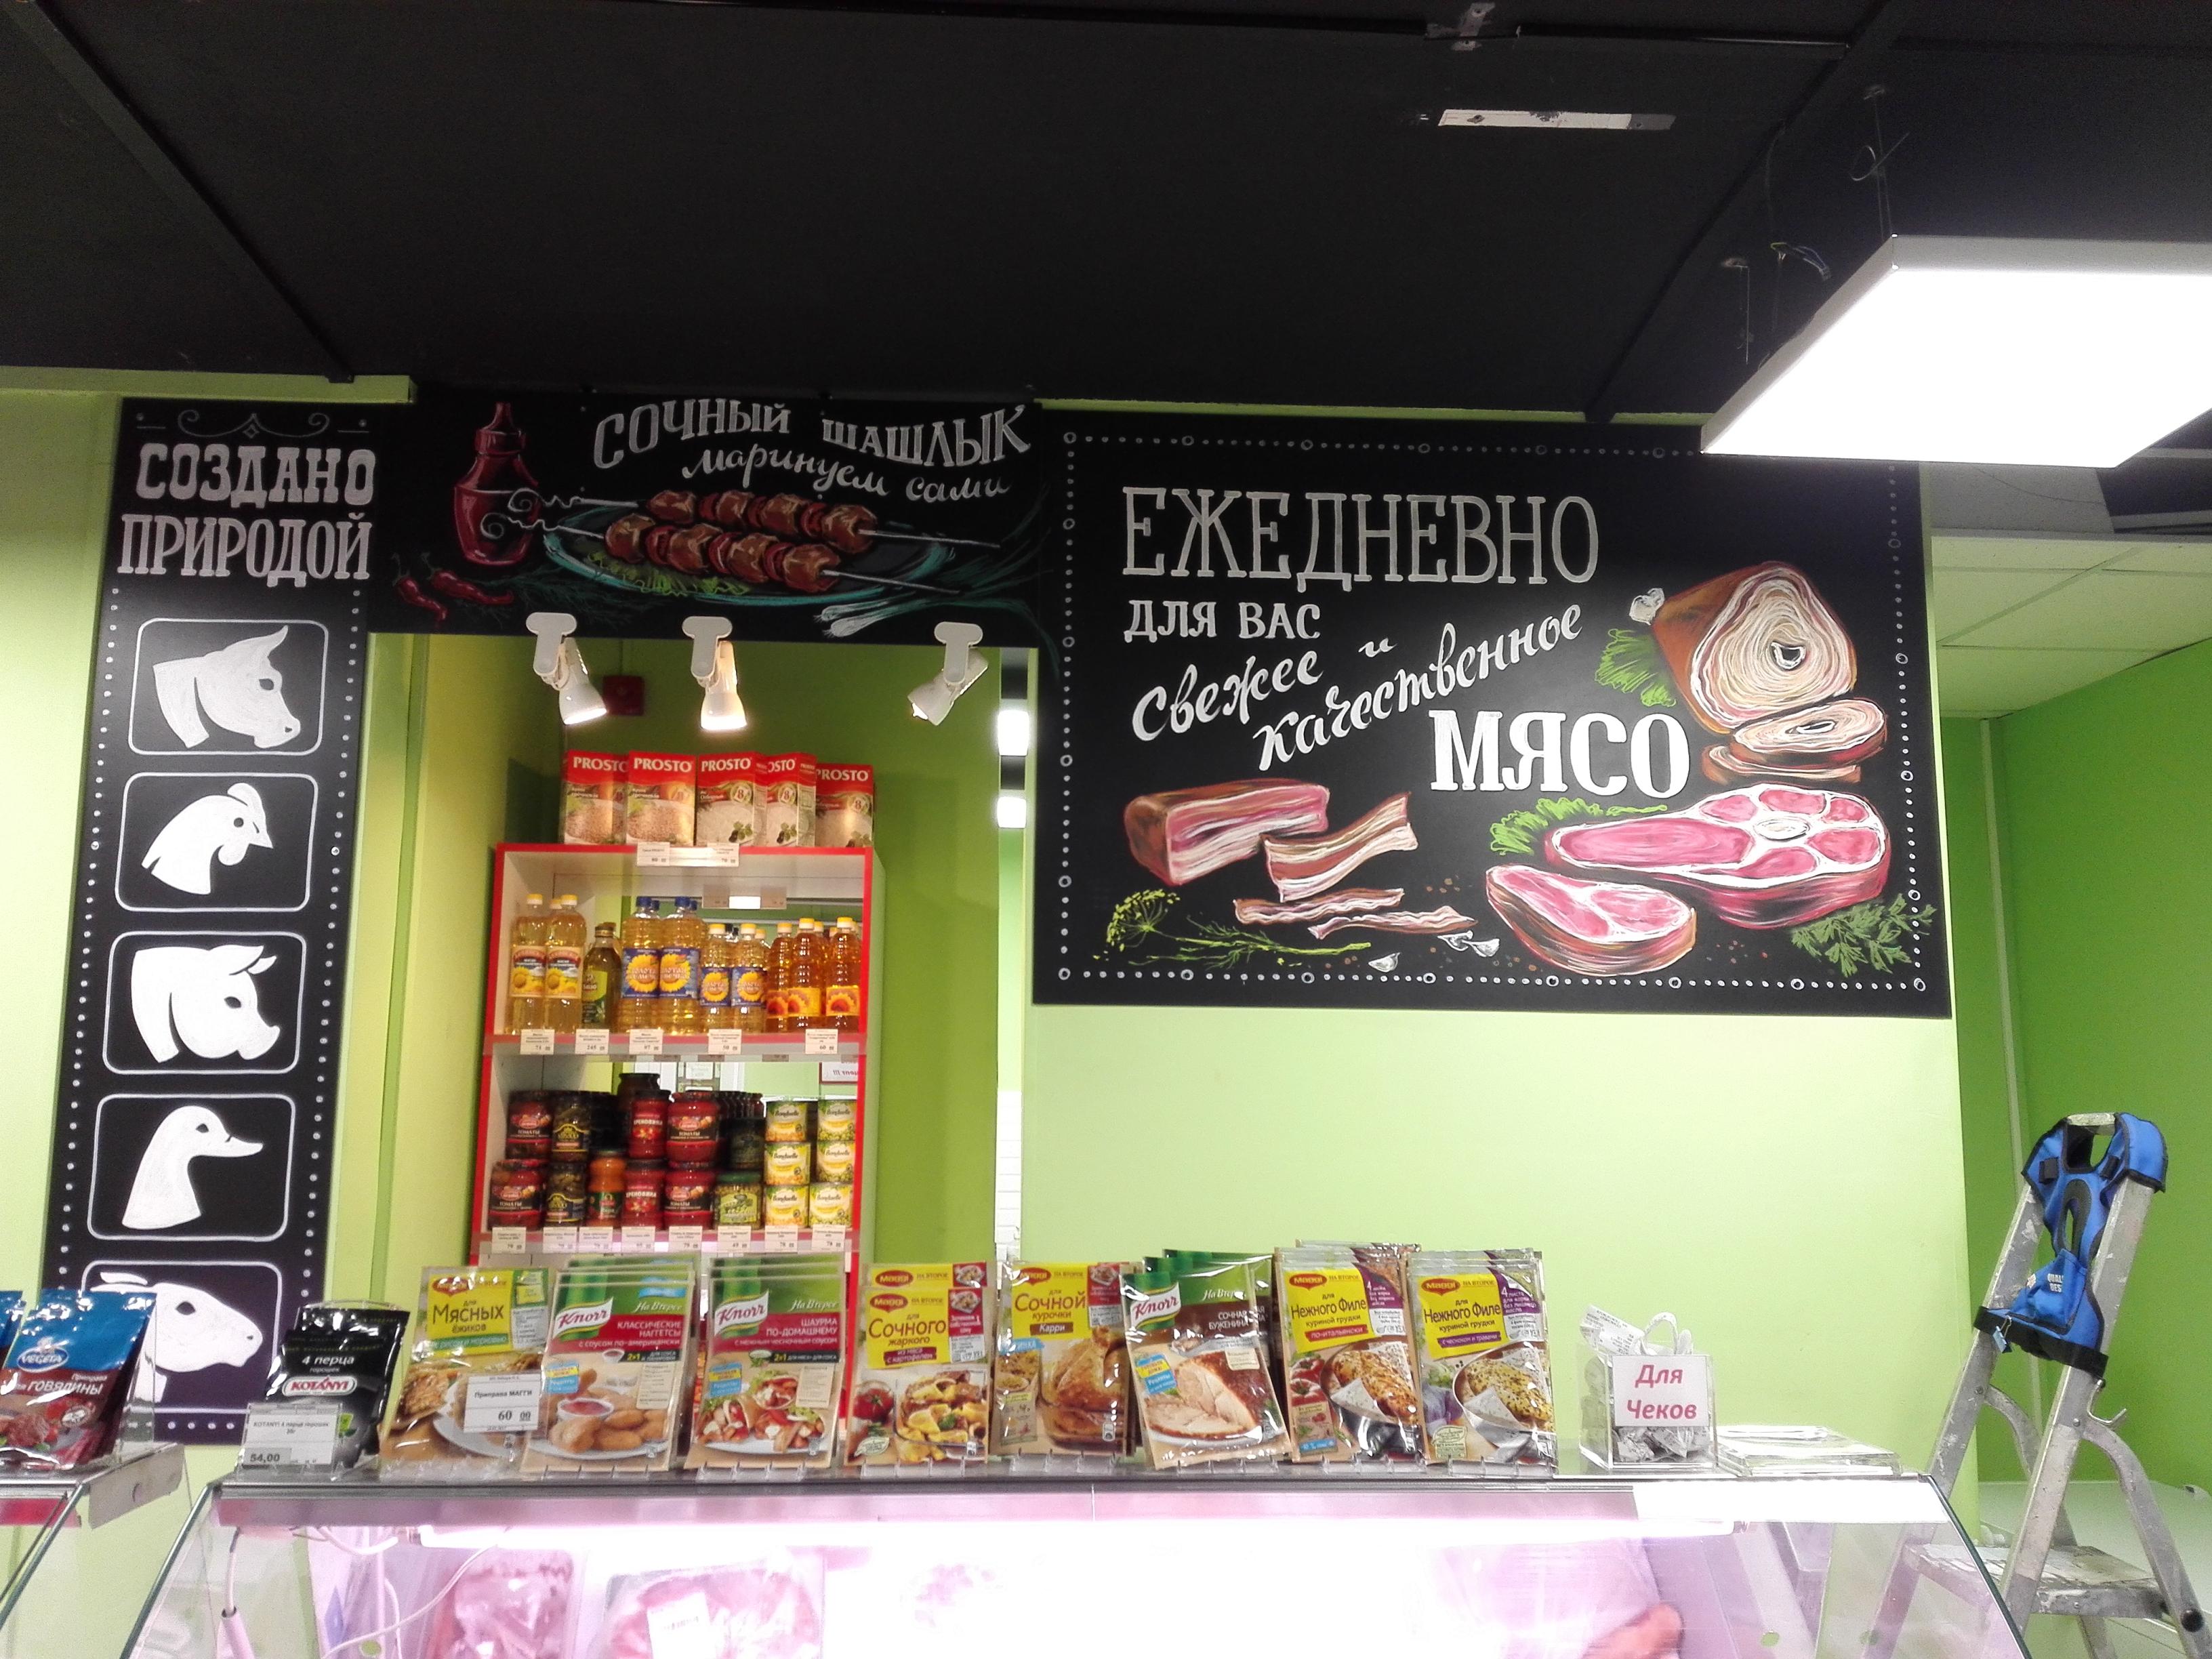 Оформление меловых досок магазин свежего Мяса (1).jpg